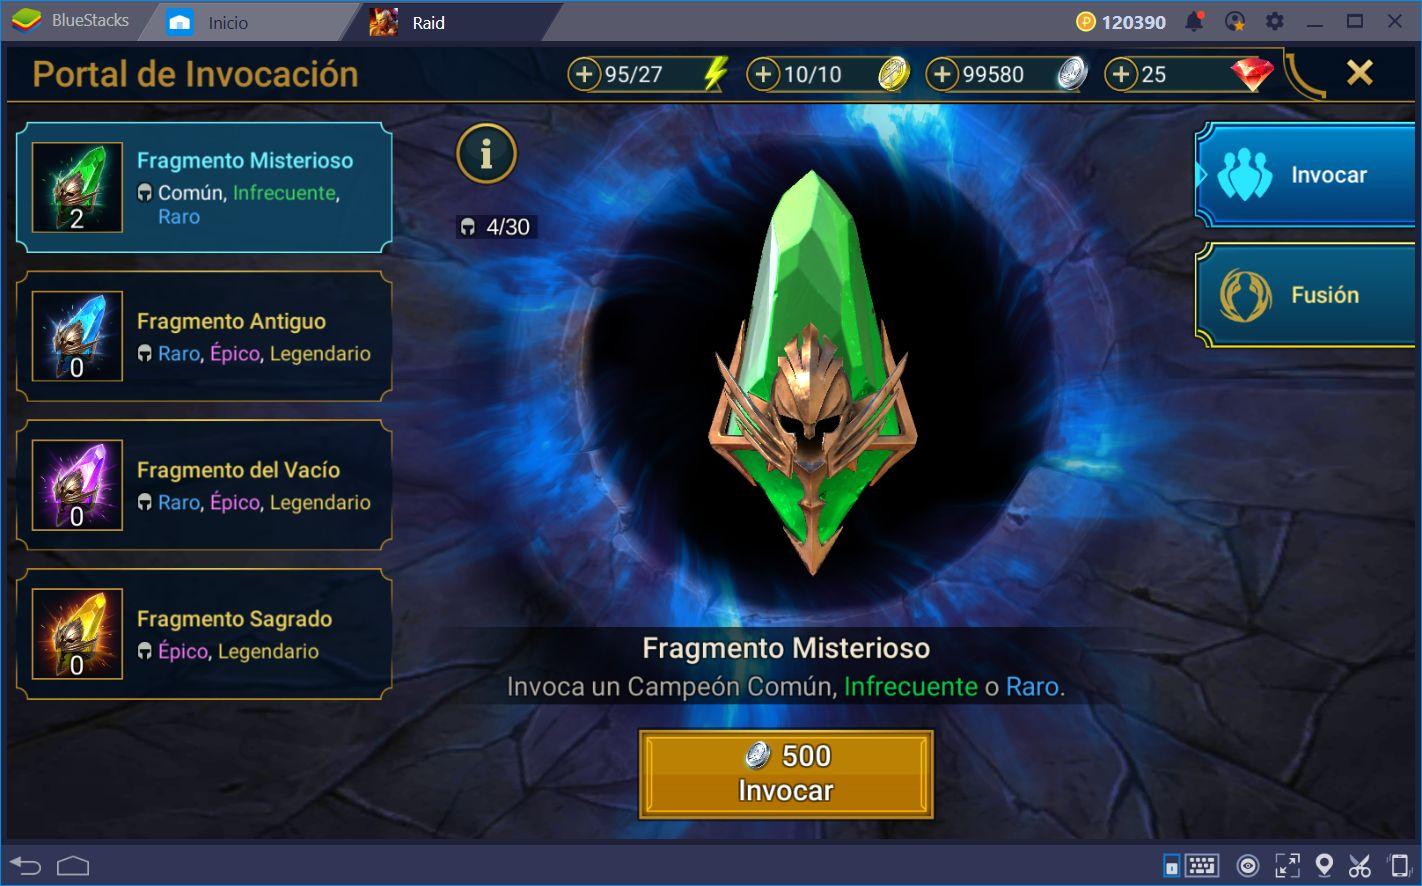 Cómo Obtener Fragmentos y Expandir tu Equipo en RAID: Shadow Legends